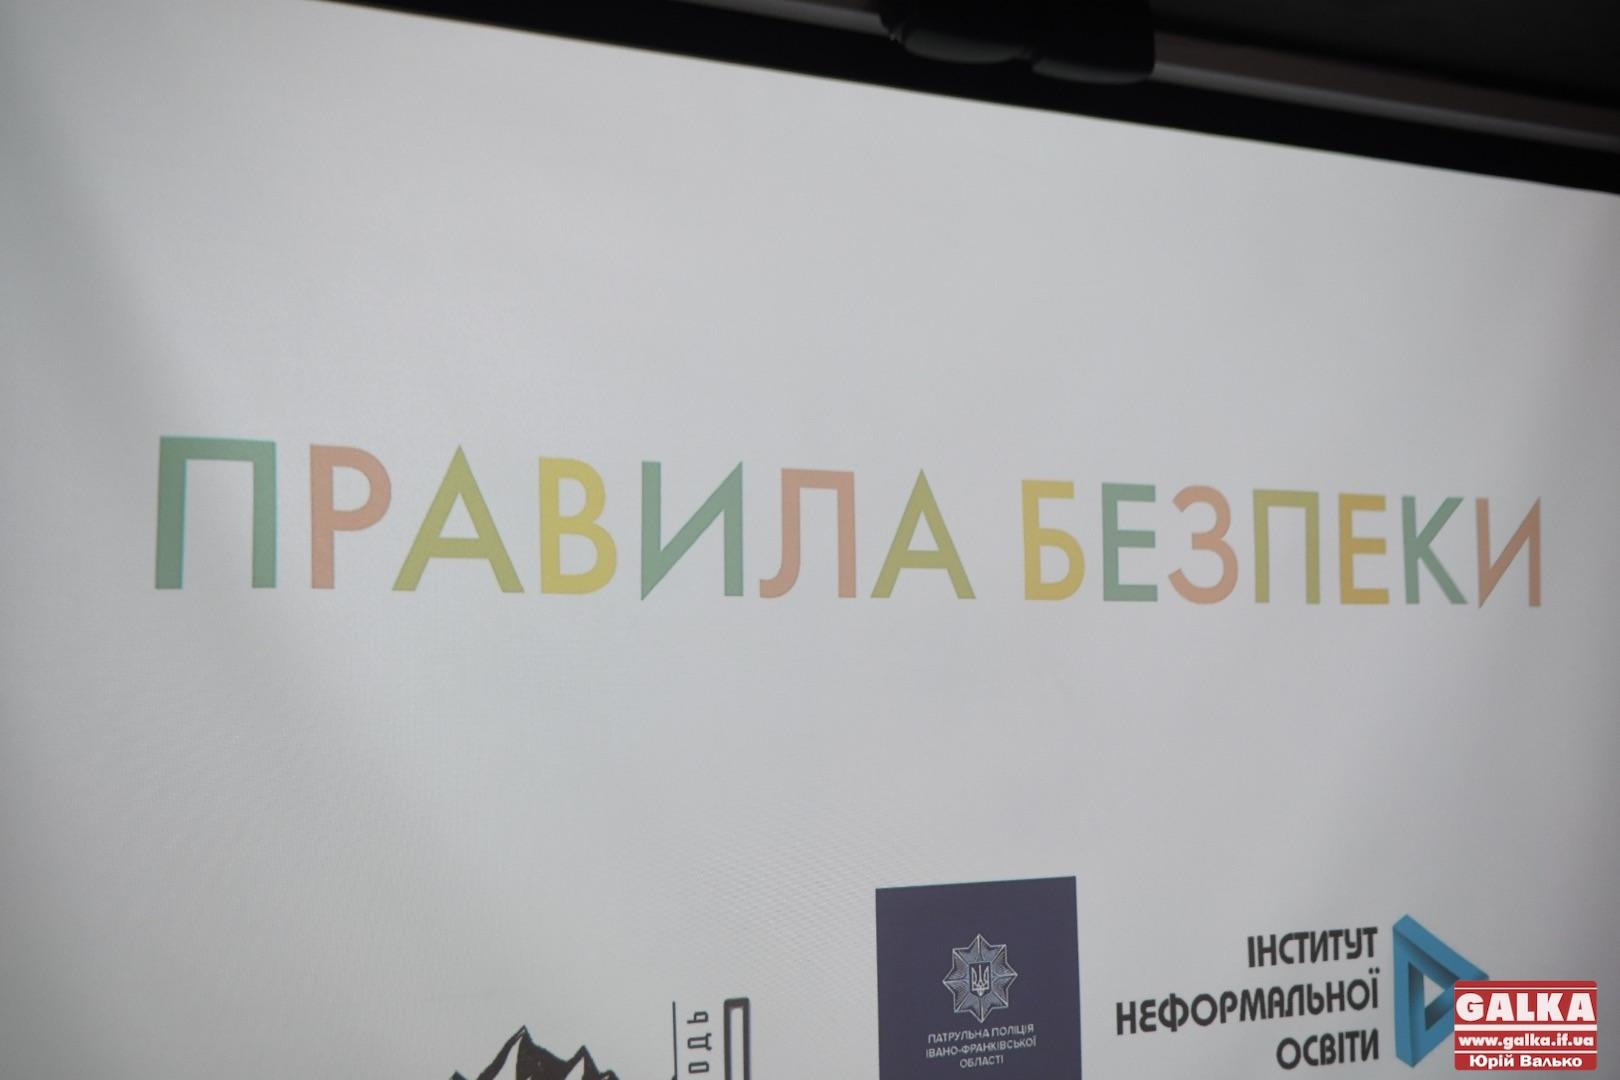 У Франківську створили мультфільми, які вчать дітей правил безпеки (ФОТО, ВІДЕО)